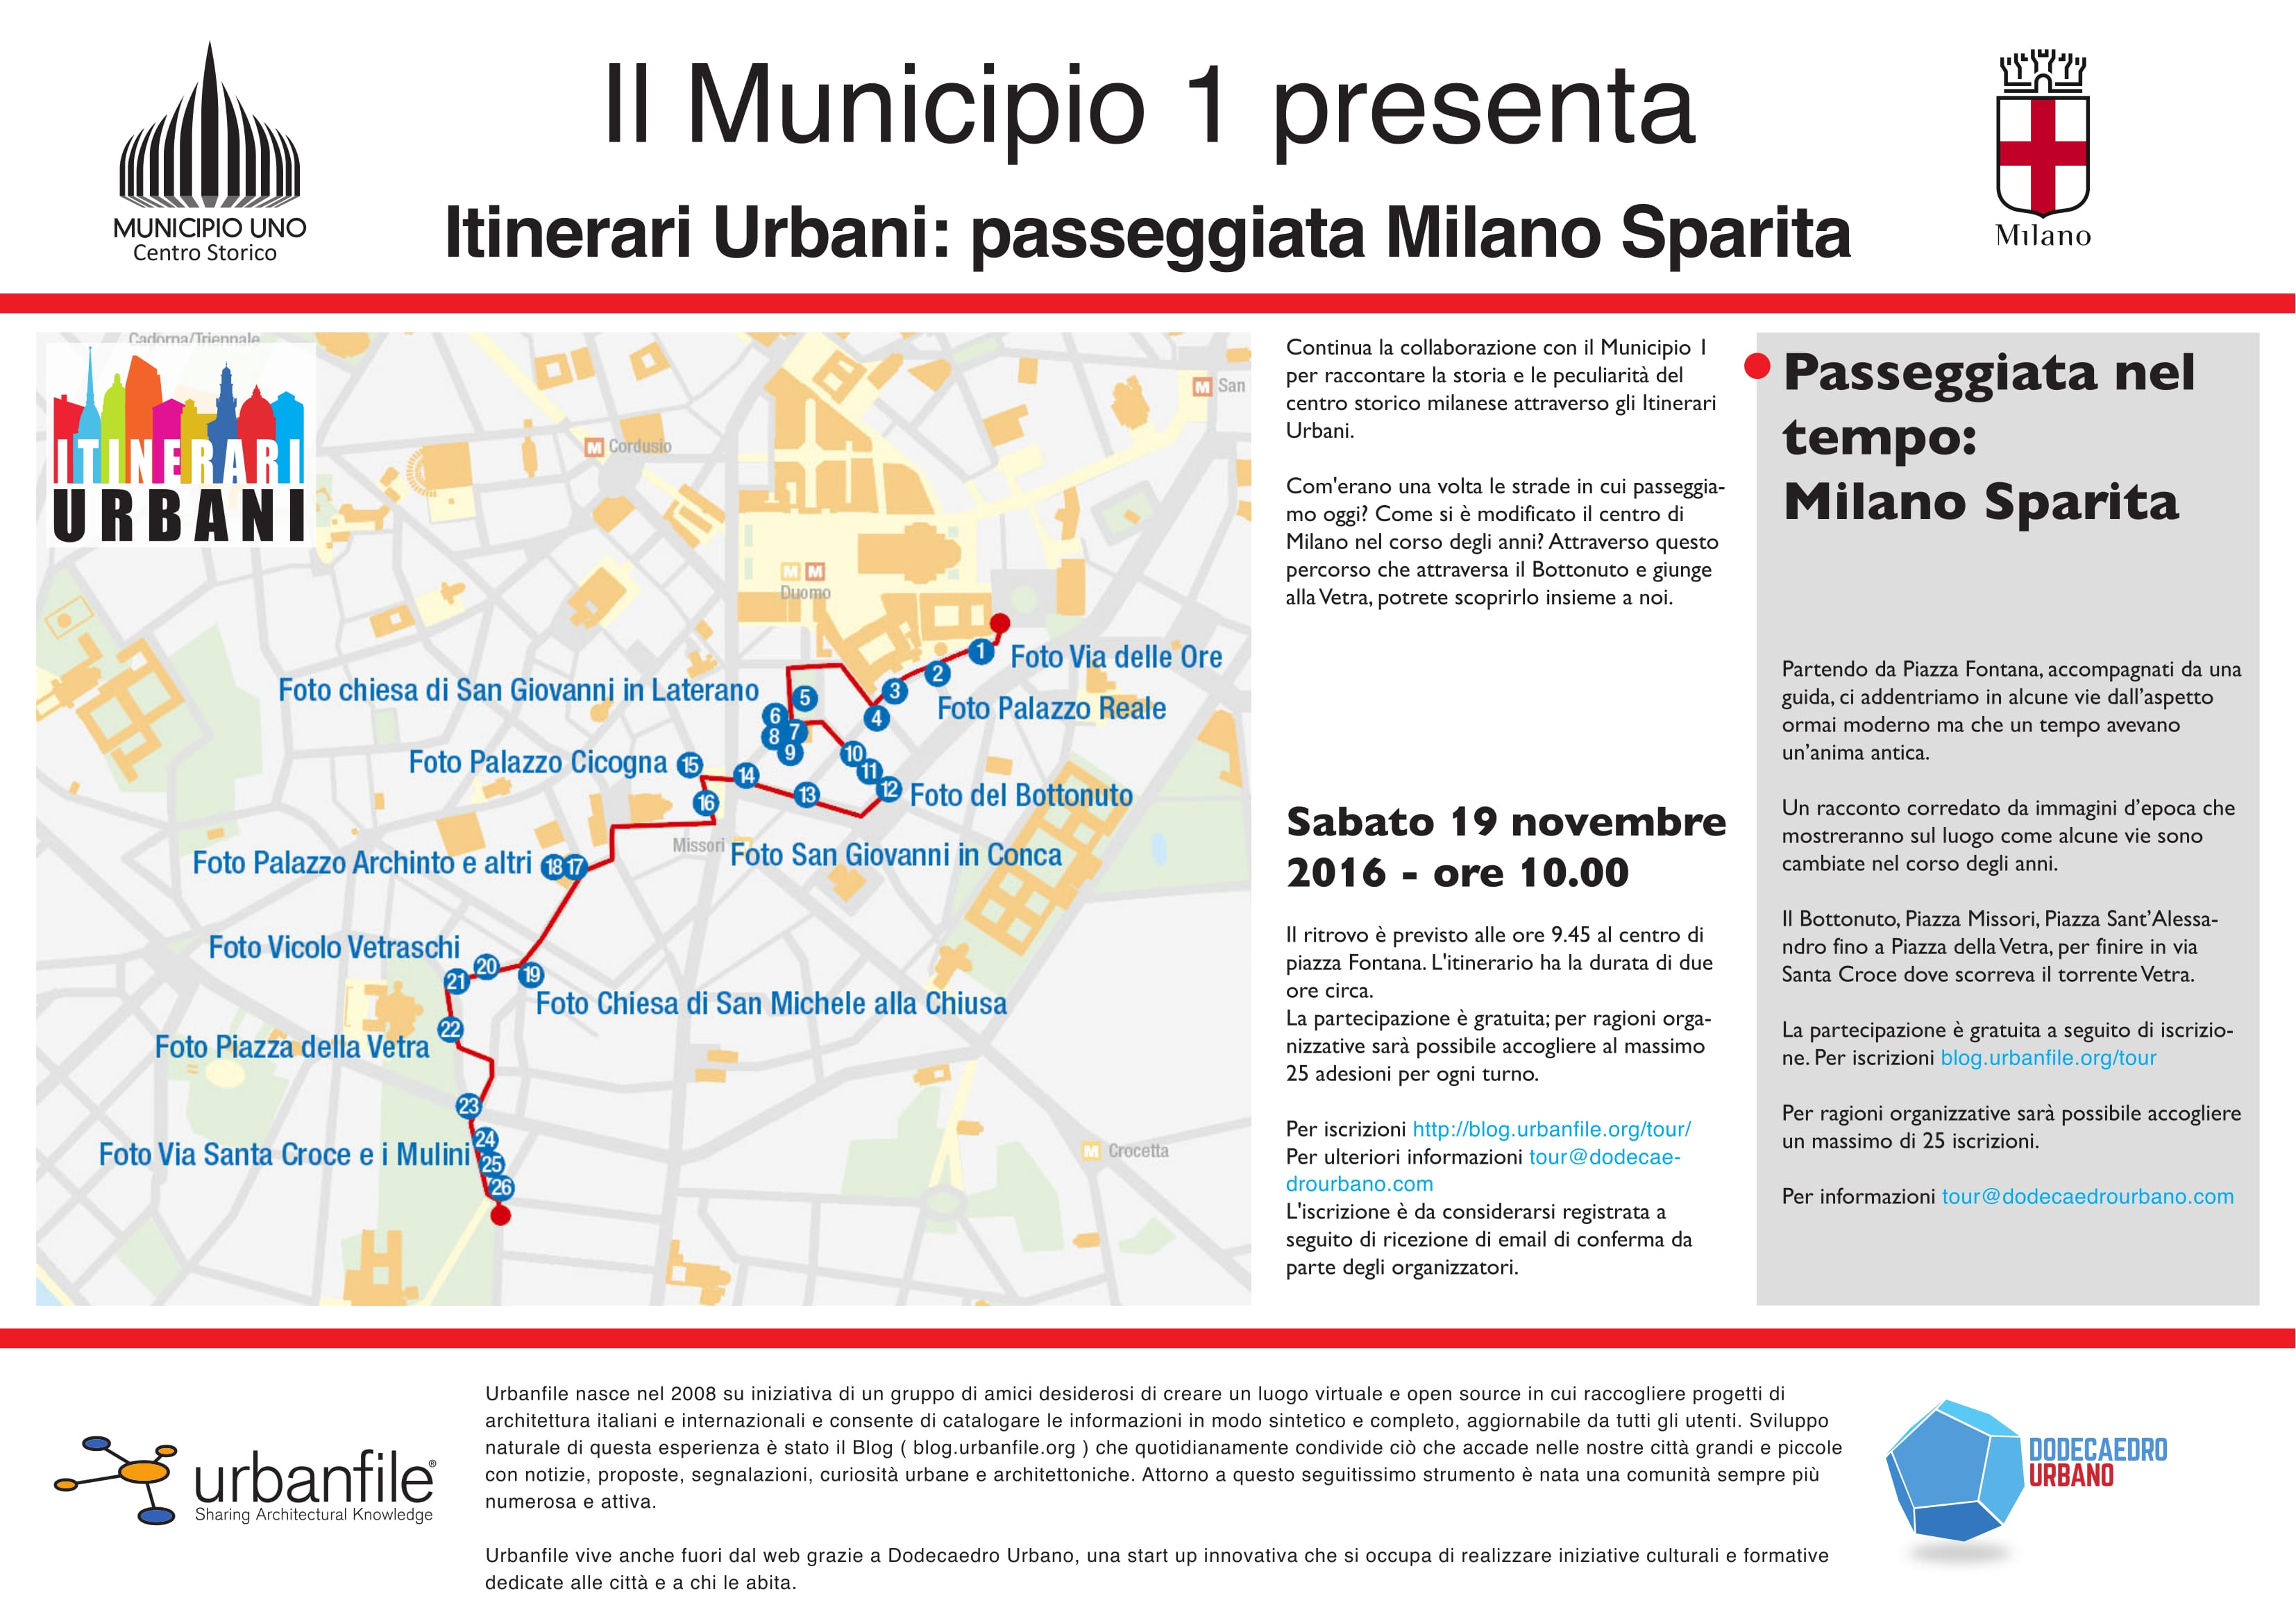 itinerari-urbani-milano-sparita-1